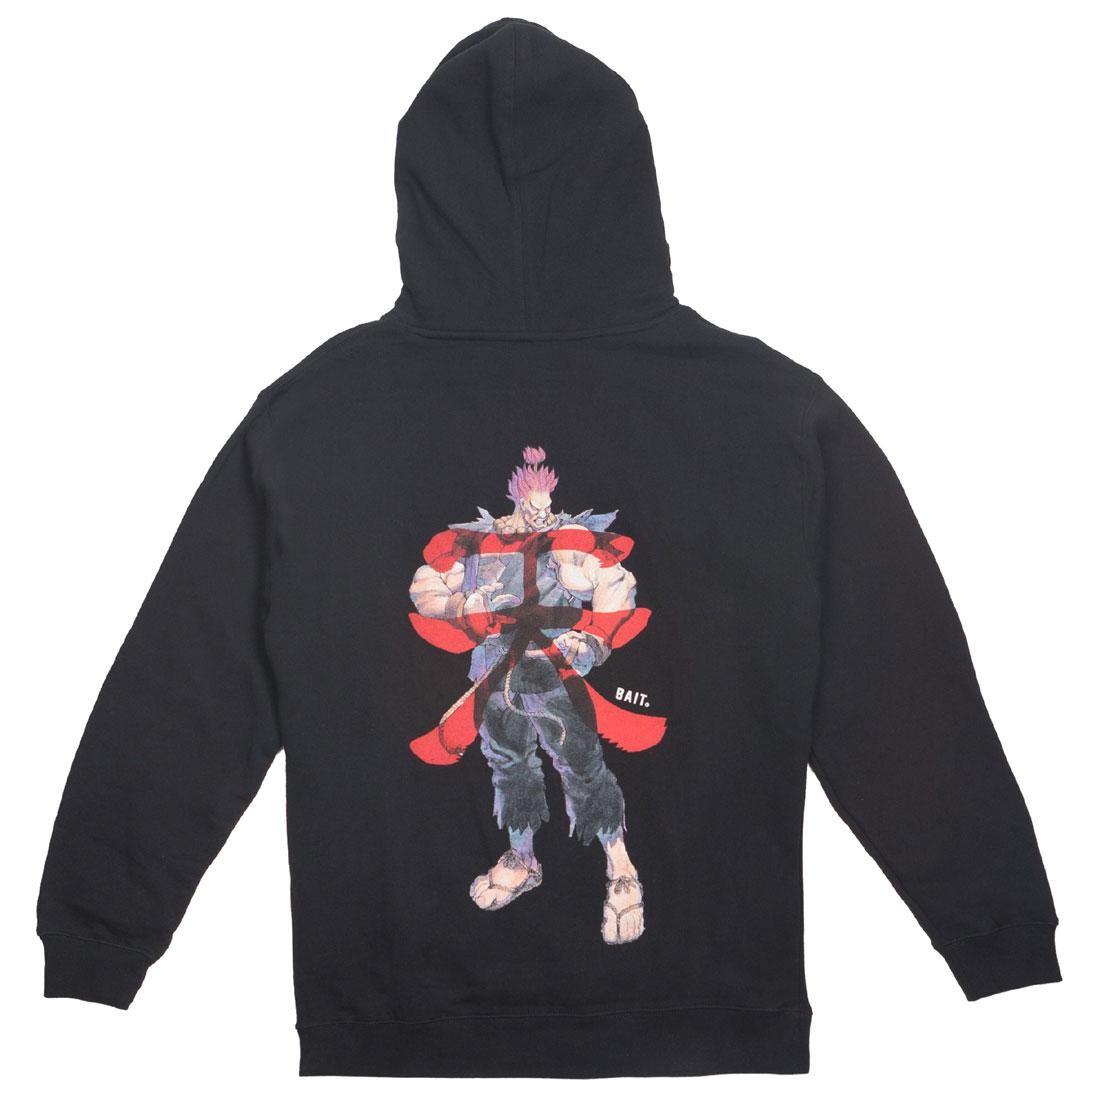 【海外限定】ストリート ファイター フーディー パーカー メンズファッション 【 STREET BAIT X FIGHTER MEN AKUMA HOODY BLACK 】